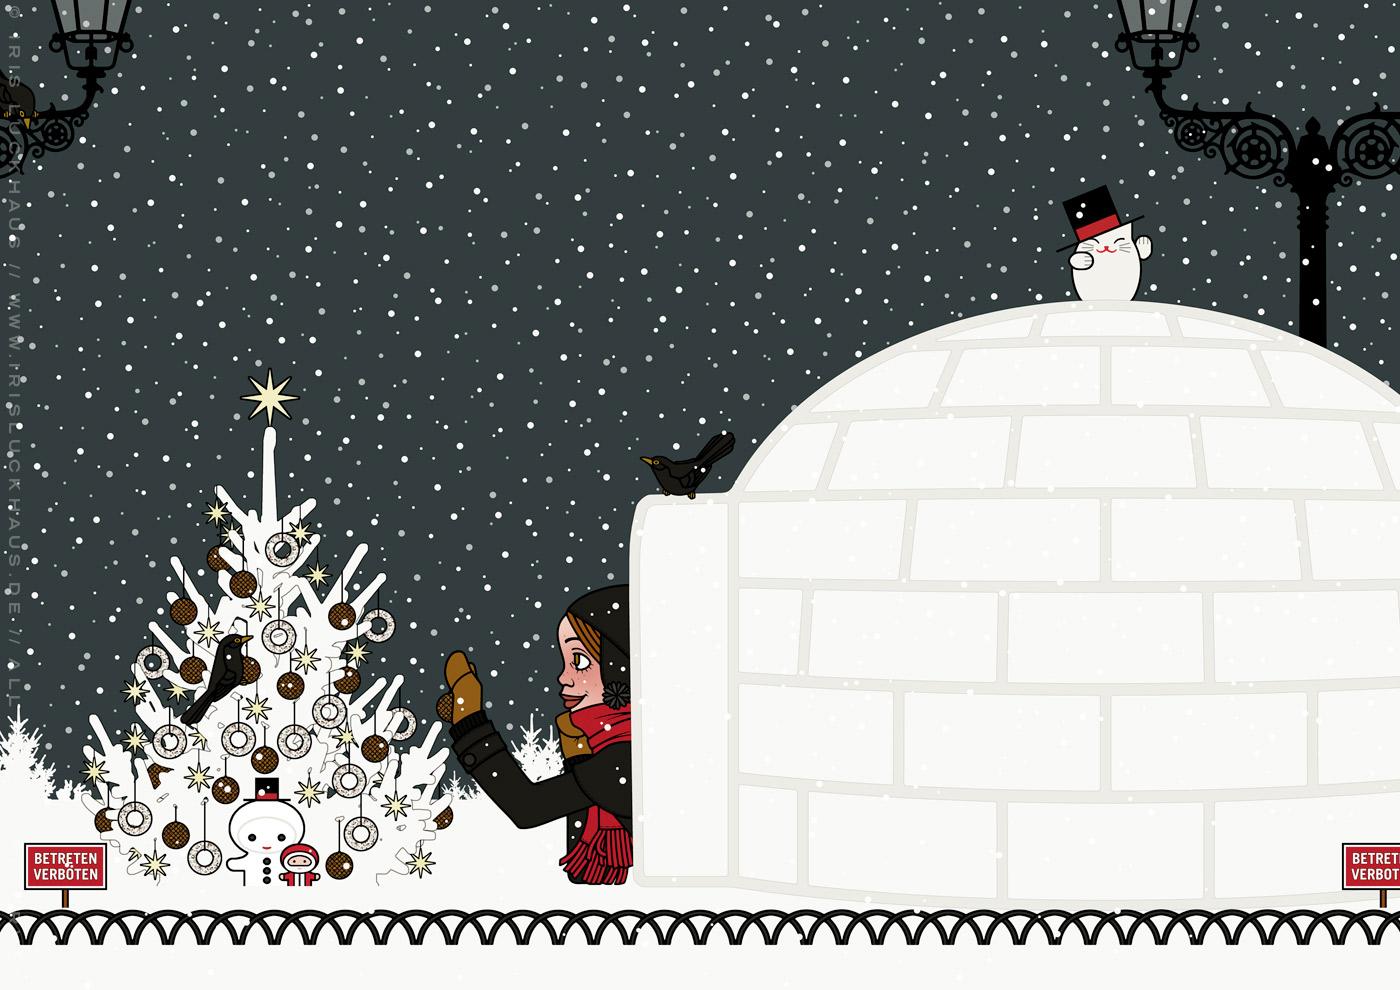 Zeichnung von einem Mädchen, das im Iglu Weihnachten feiert und Meisenknödel an einen Weihnachtsbaum hängt, während Amseln neugierig zusehen aus Die wunderbare Welt der Lily Lux von Iris Luckhaus